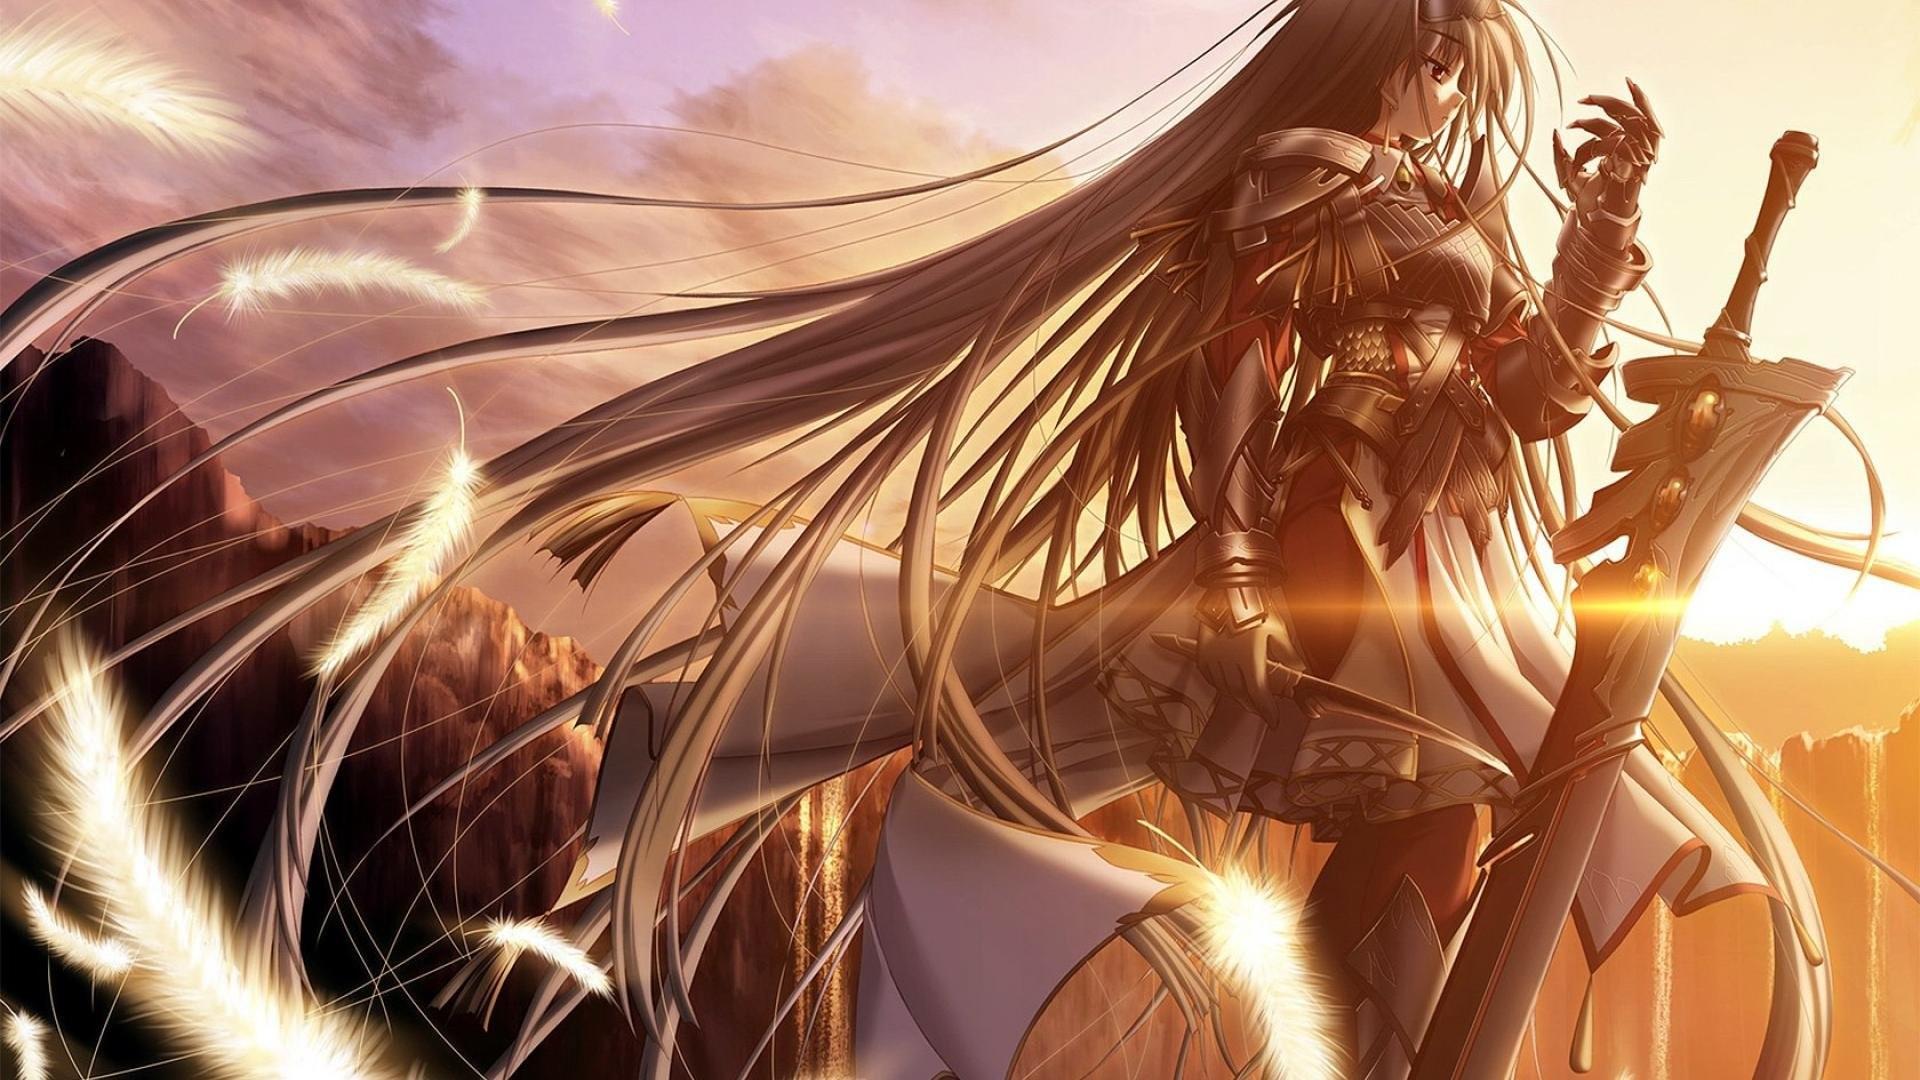 Gladiator Anime Wallpaper